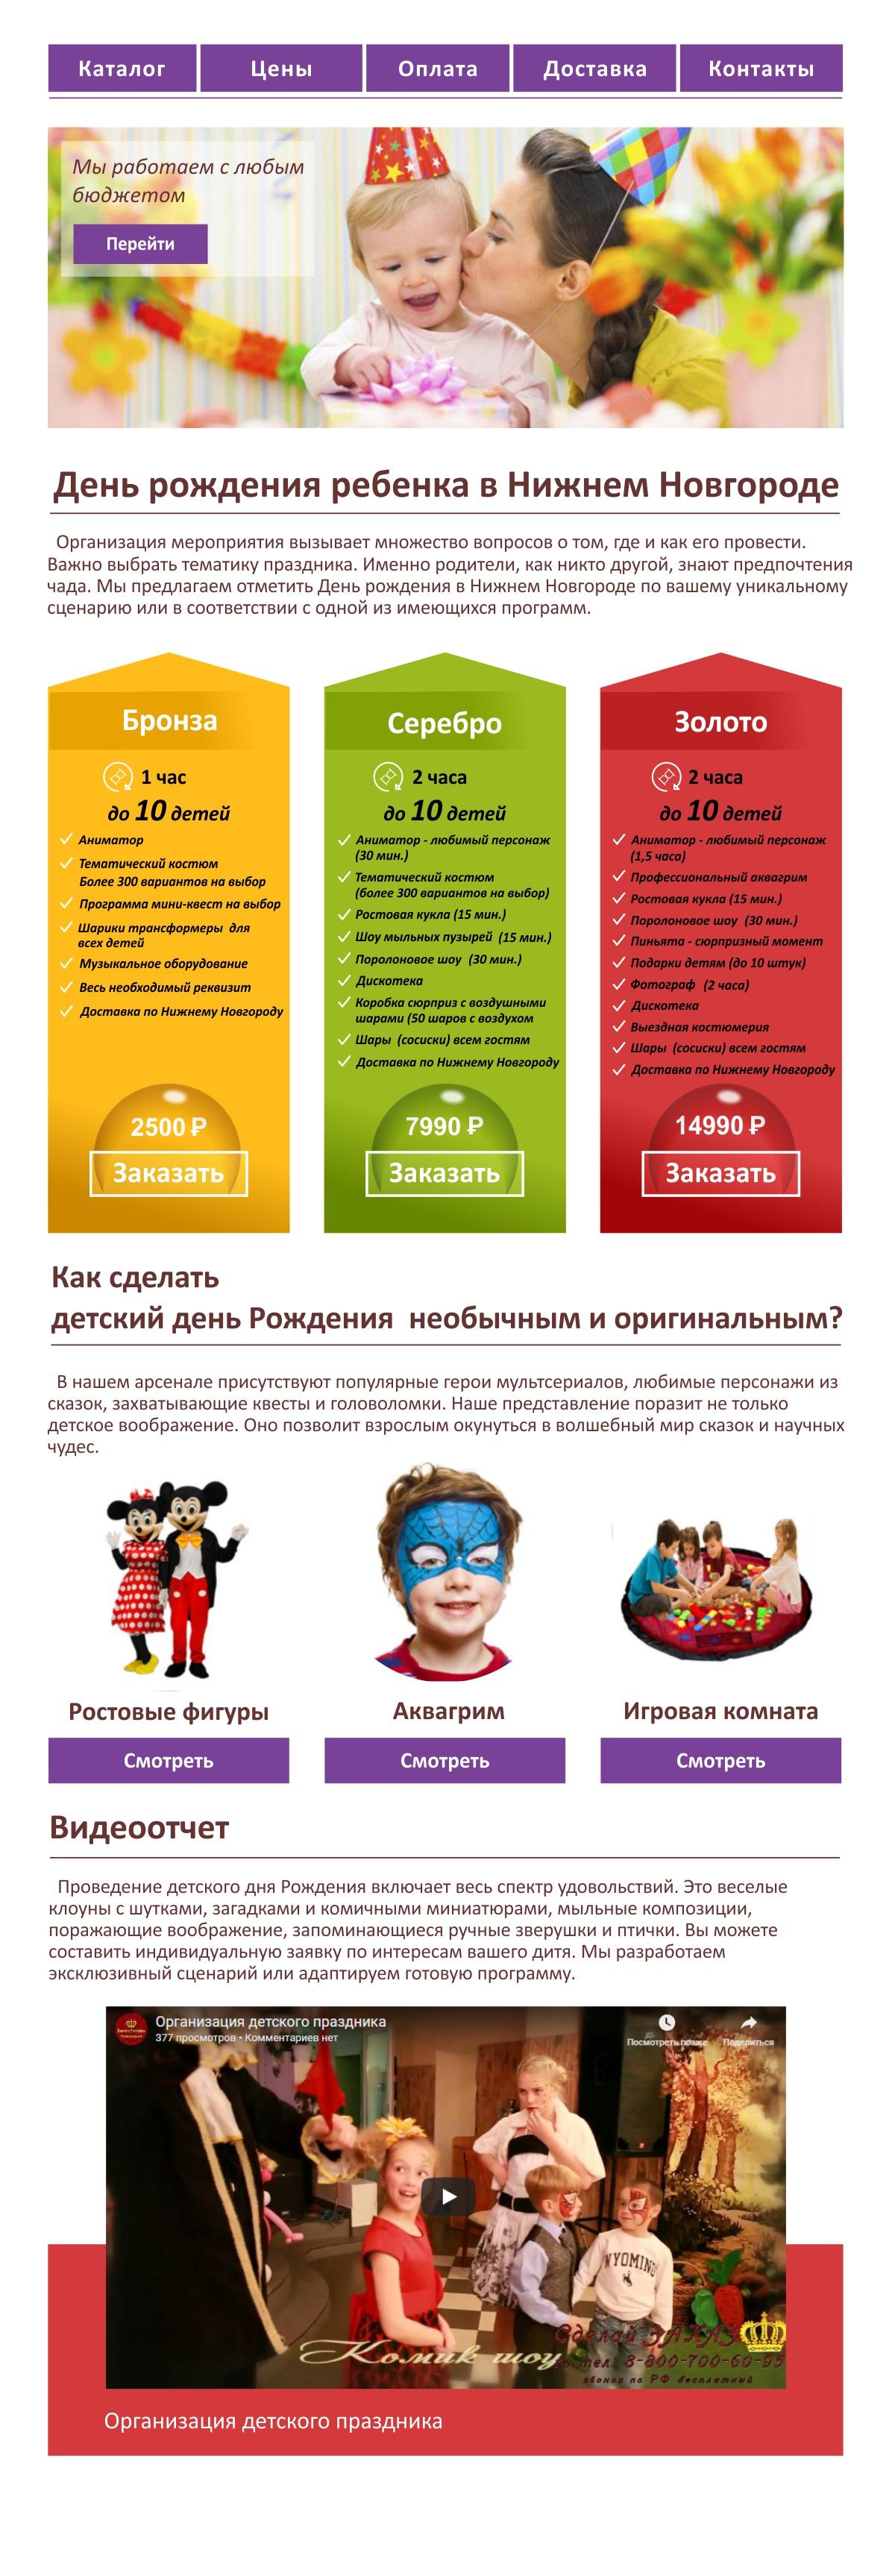 Ищем хорошего веб дизайнера.  фото f_6625aa28d980323e.jpg